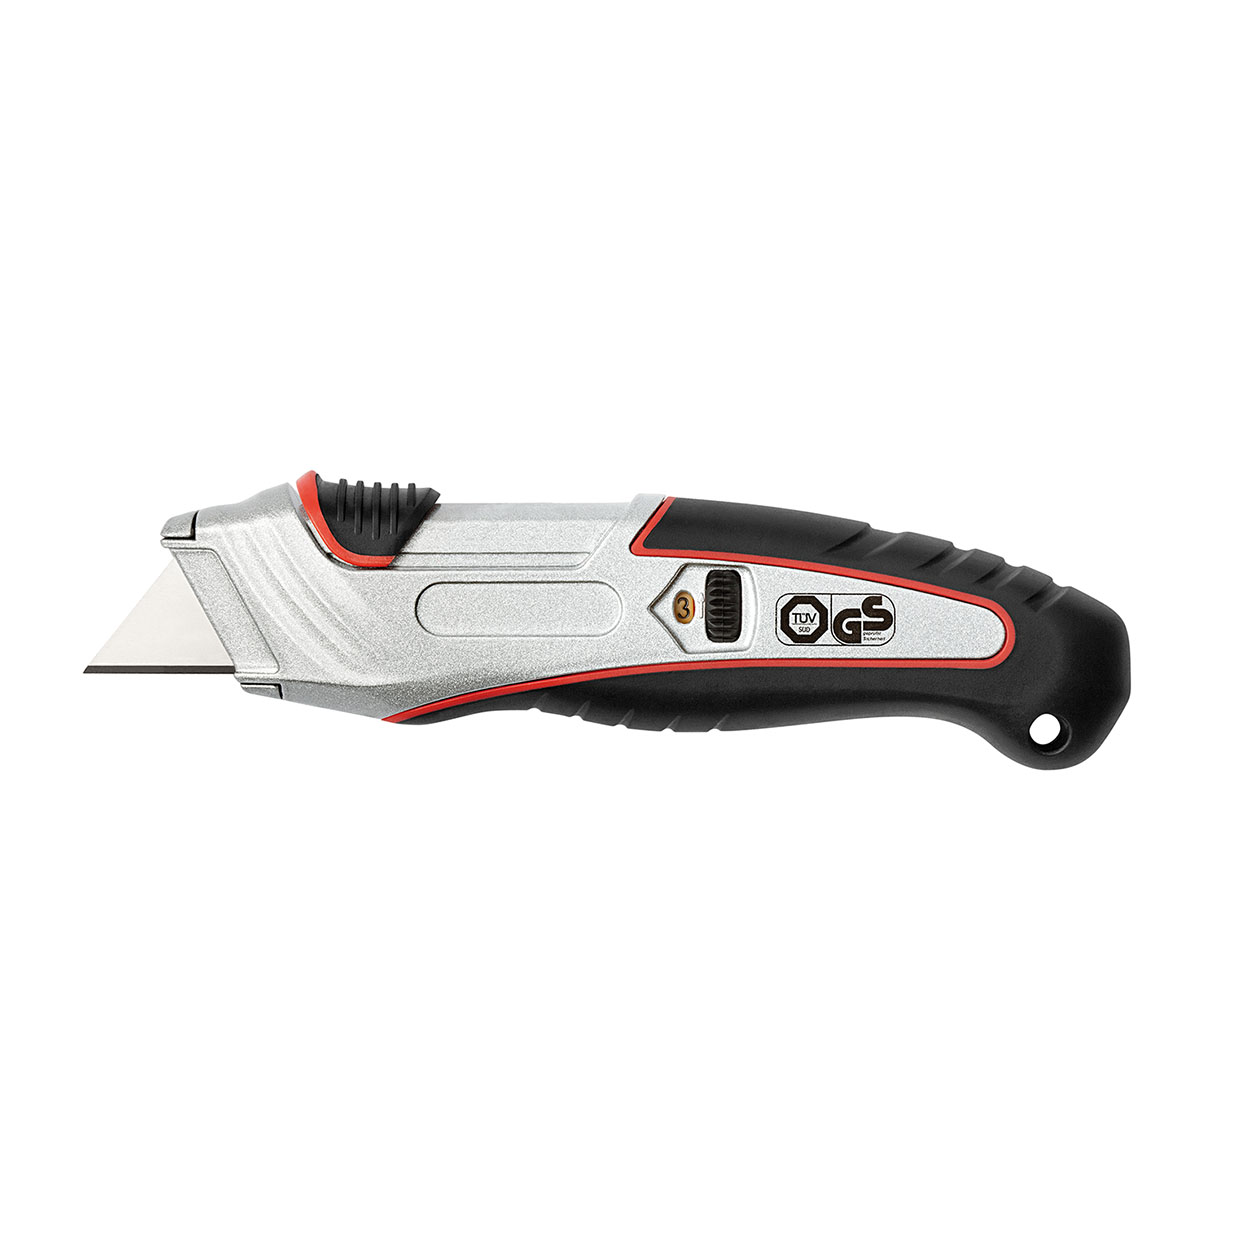 PRO - Bezpečnostní nůž s vysouvací čepelí